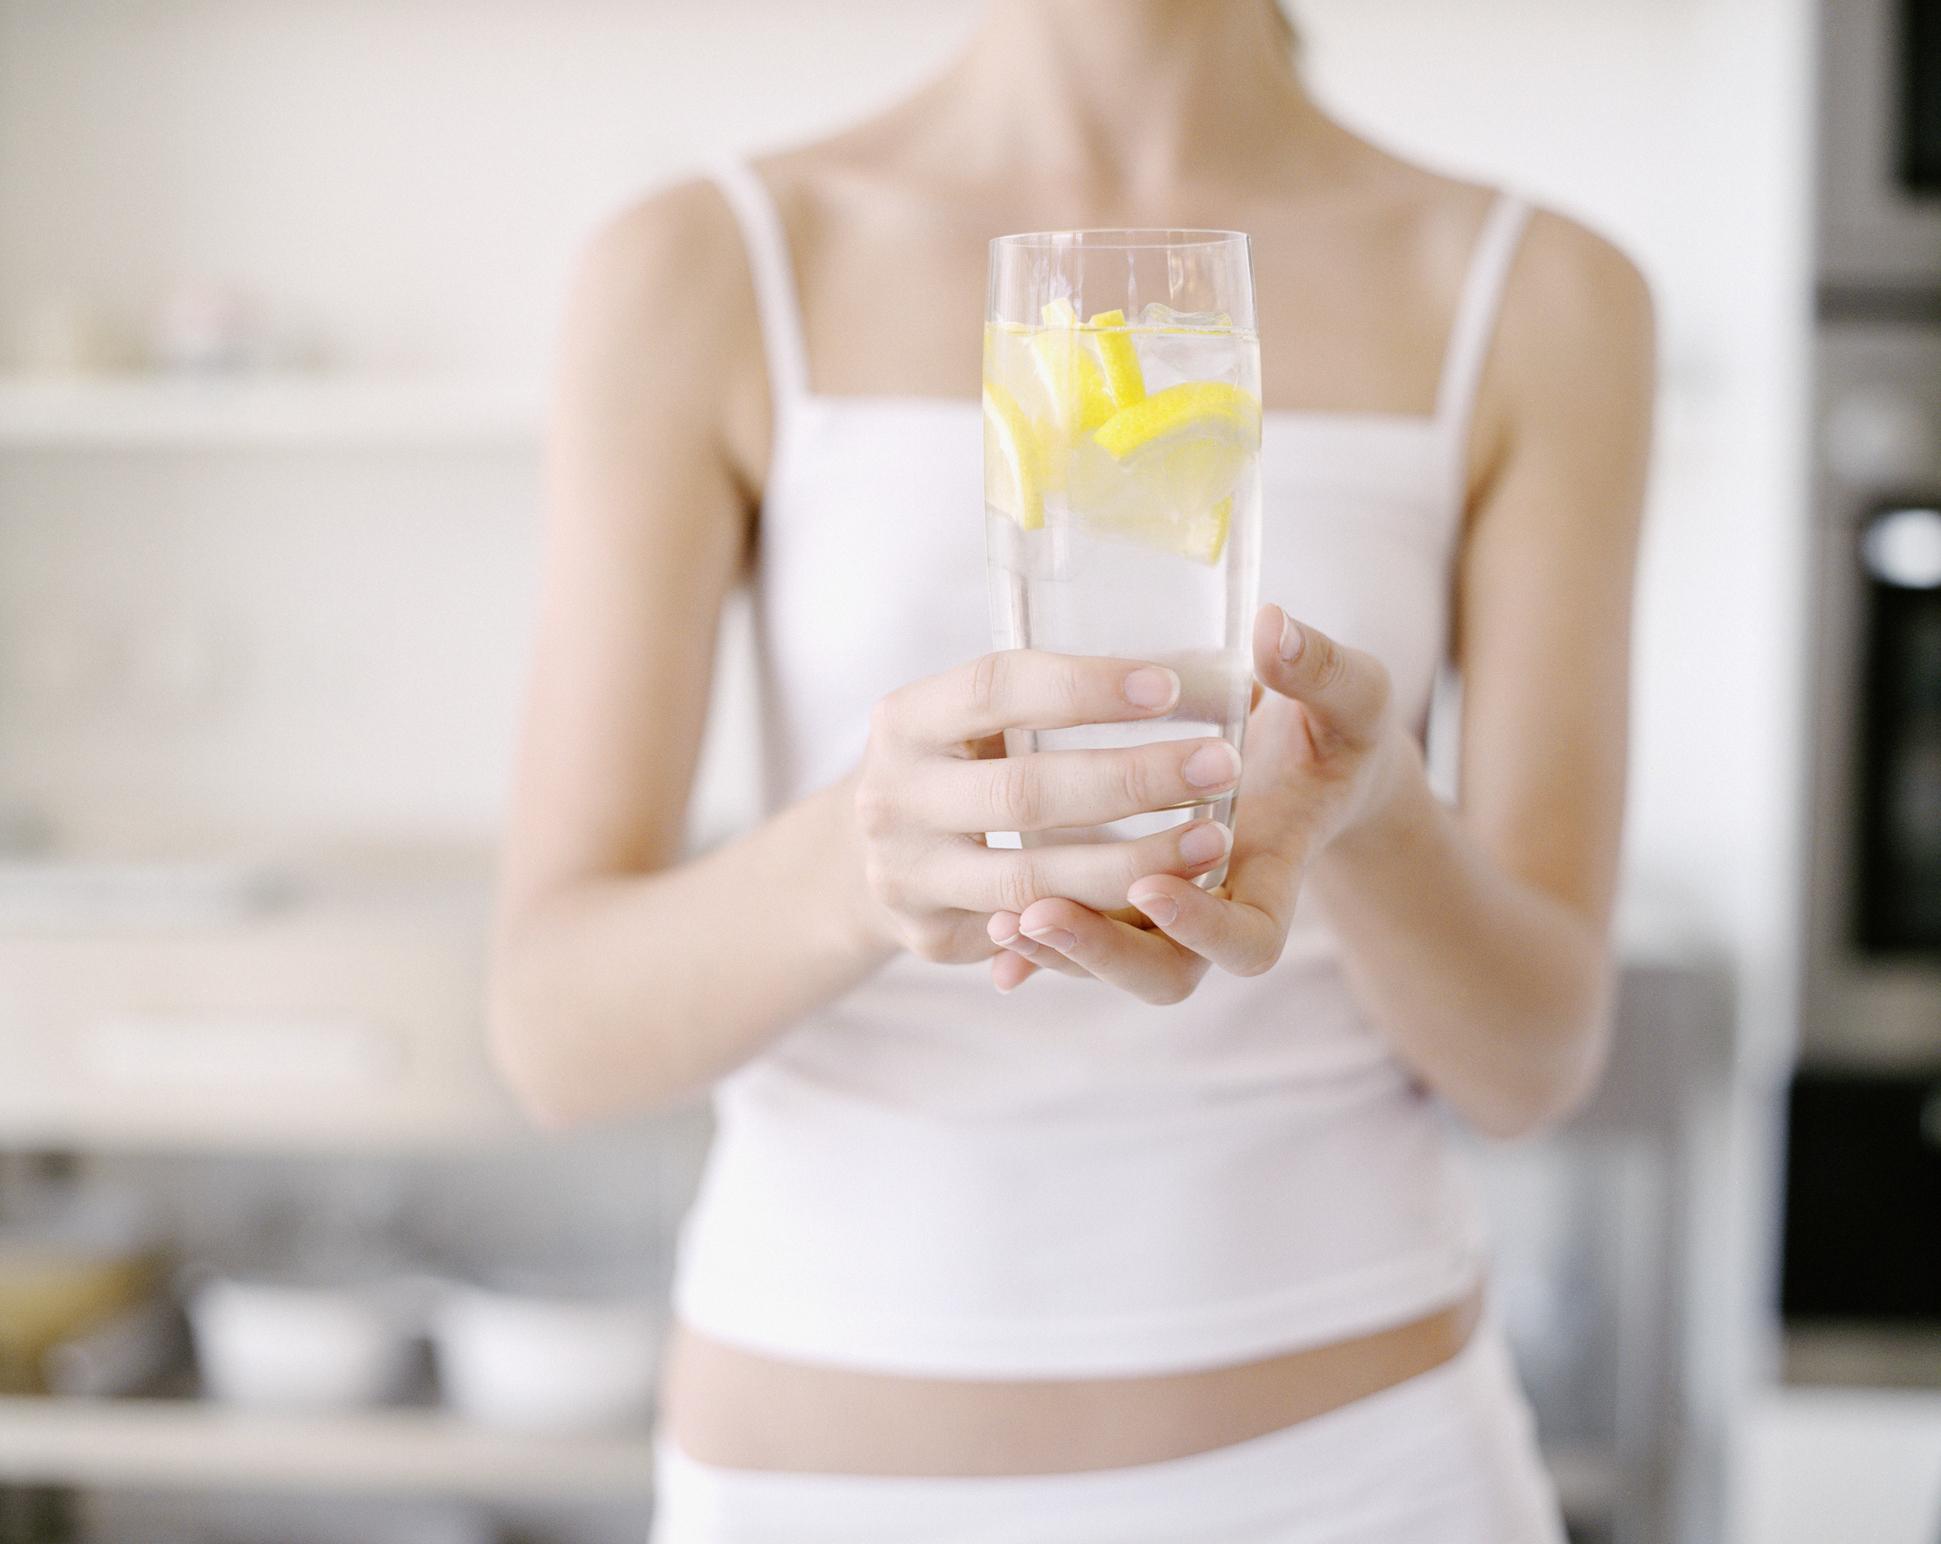 Лимоная вода натощак